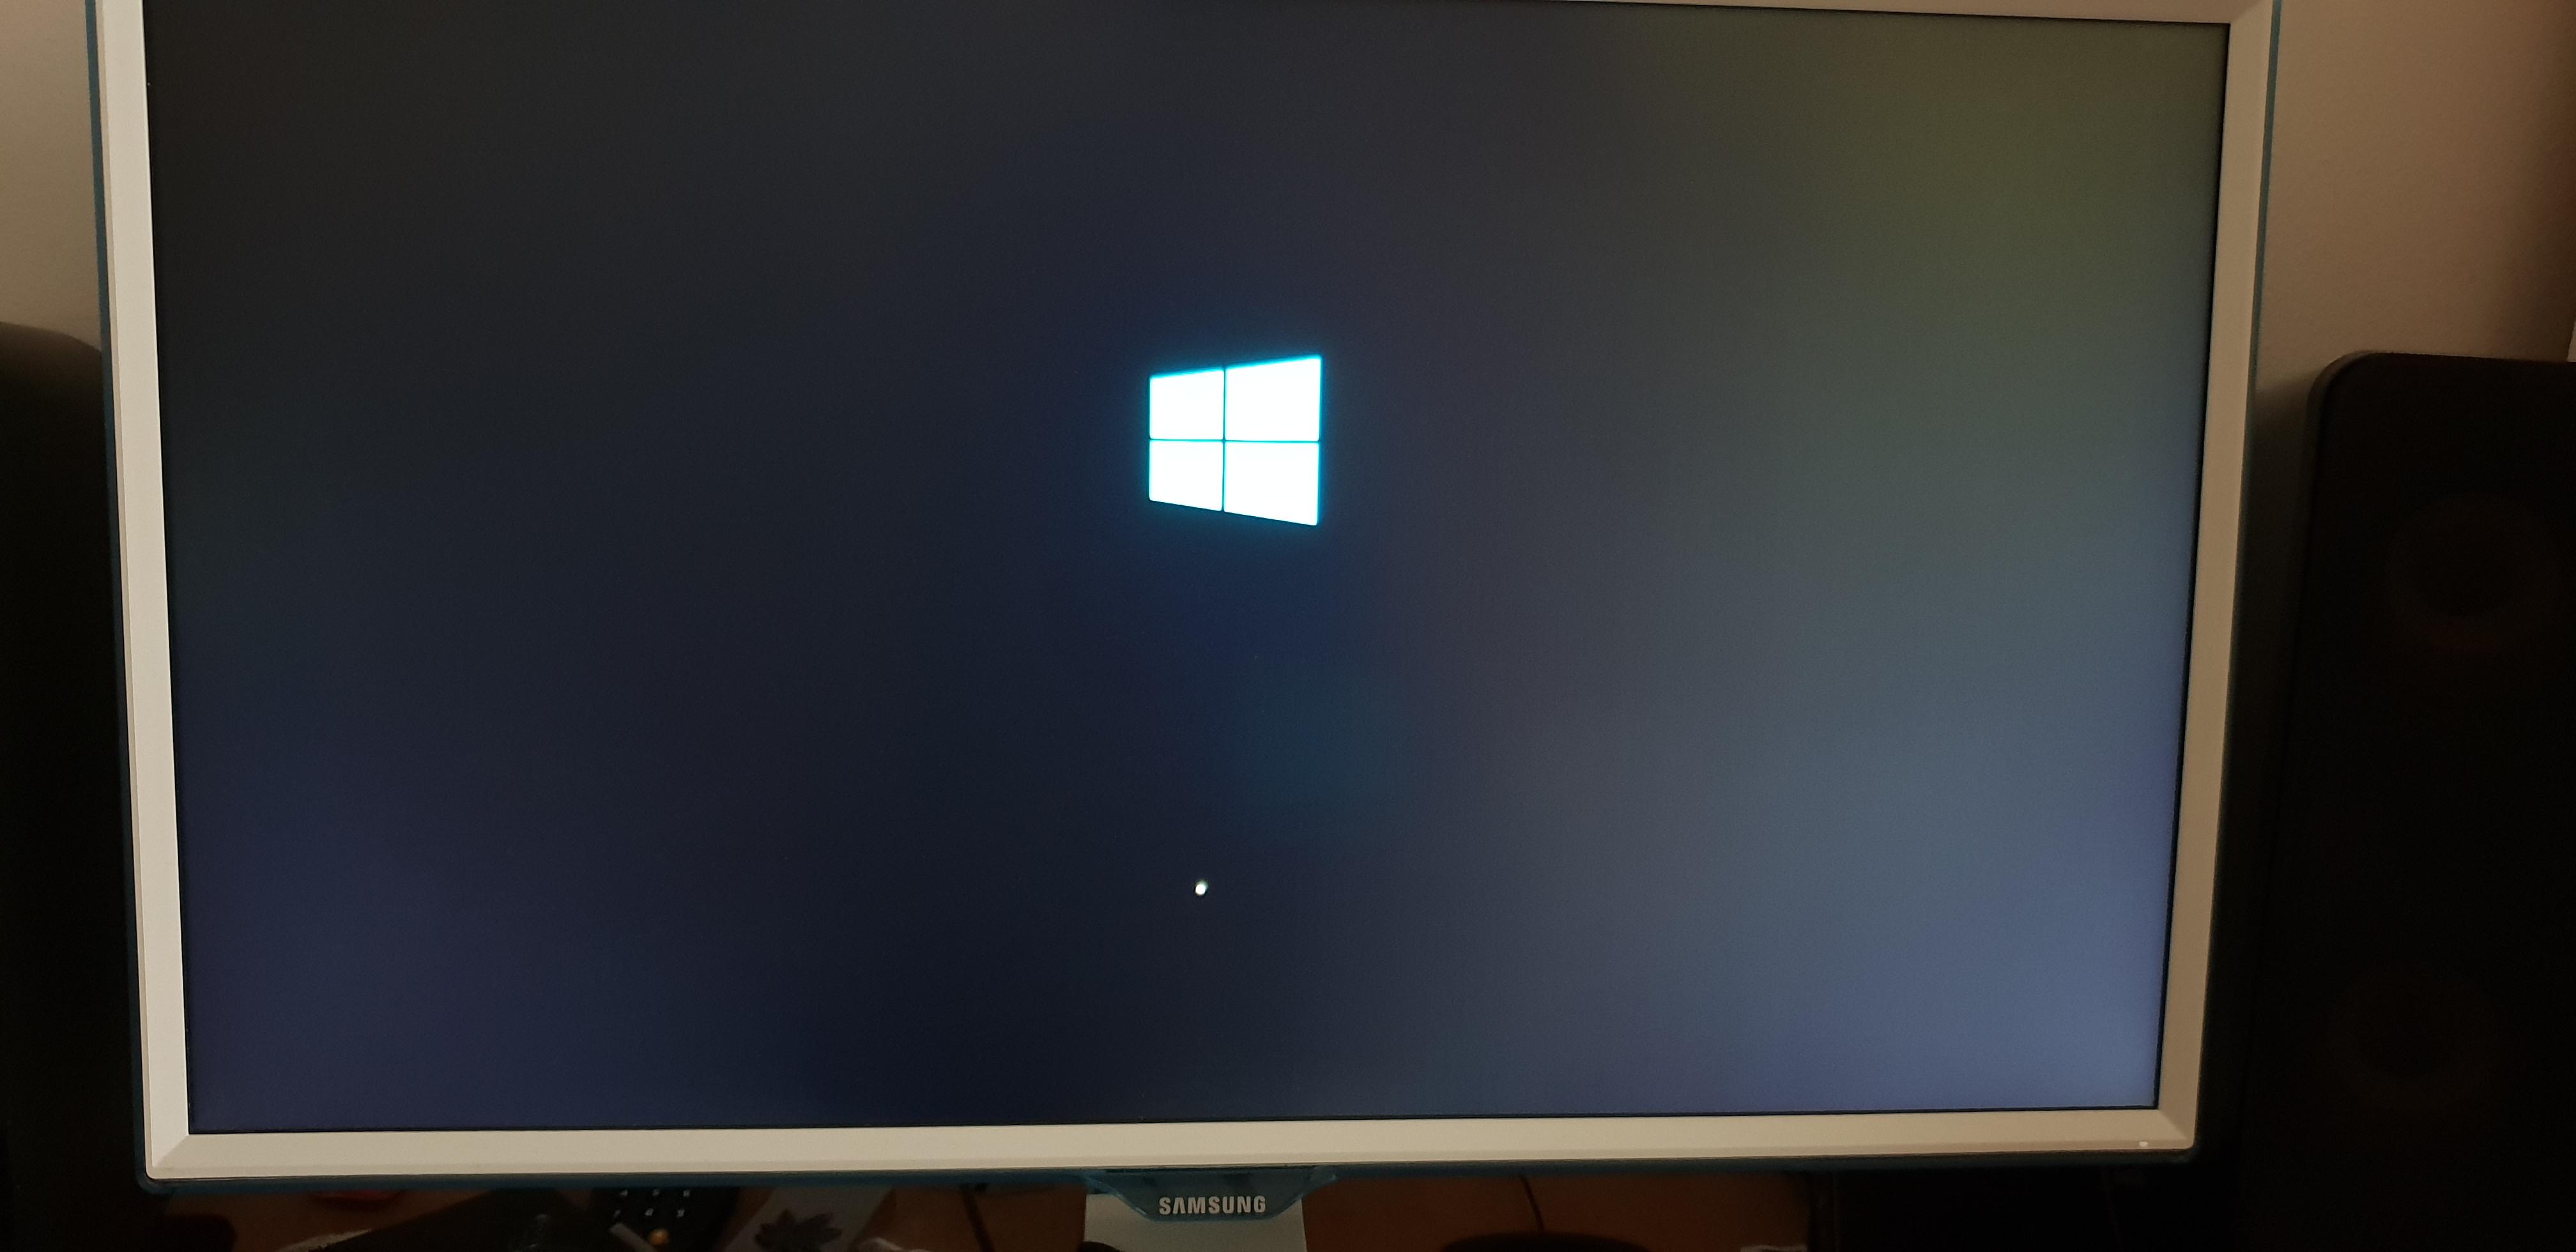 Windows 10 stuck att boot logo.